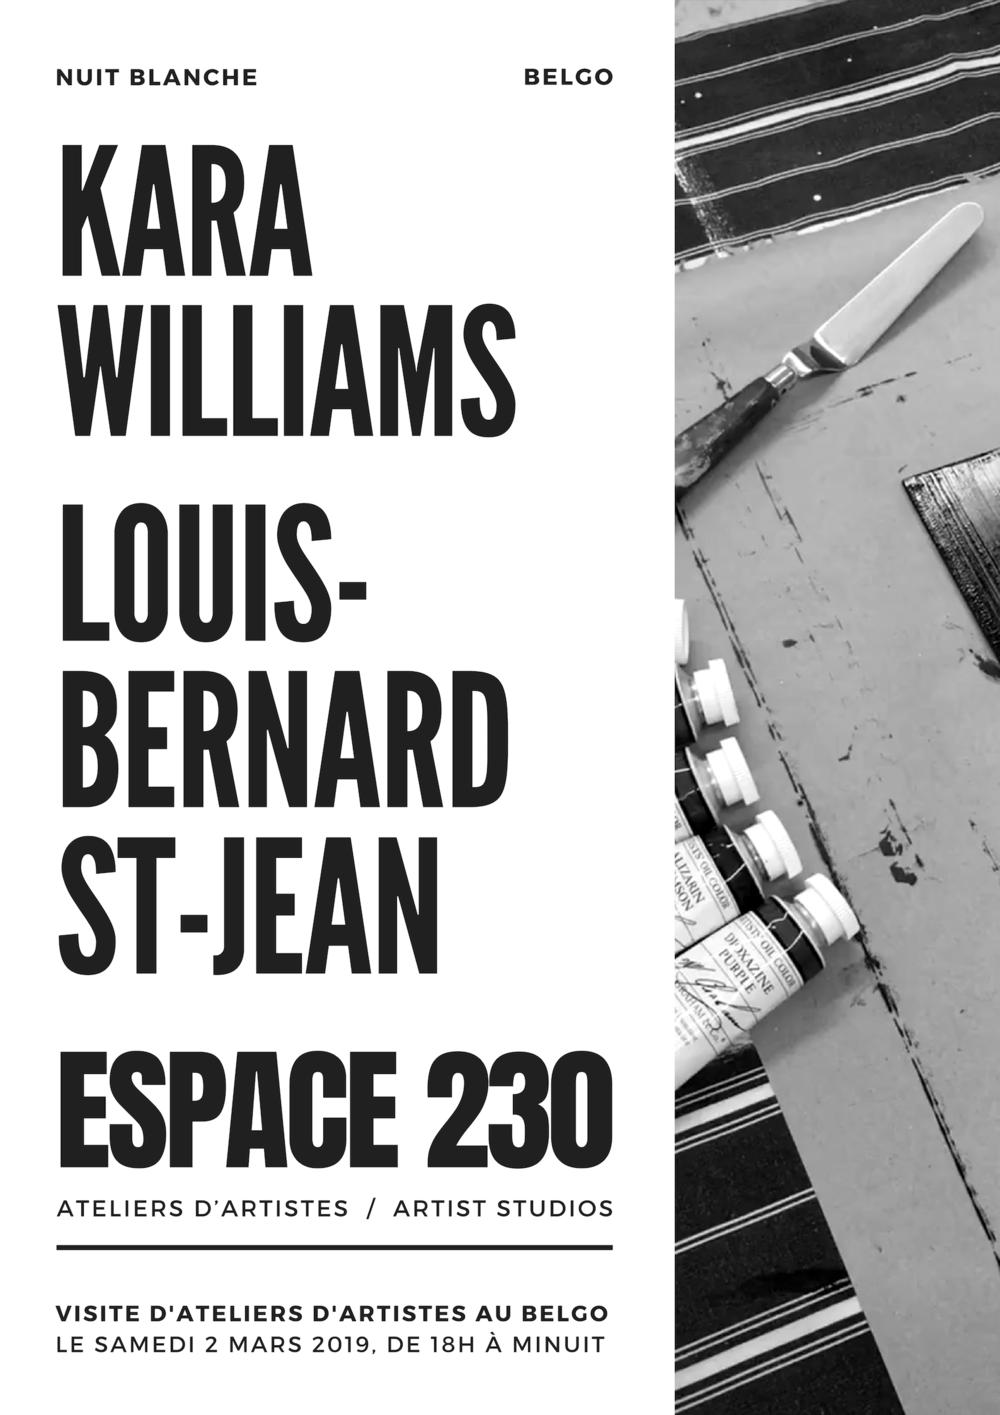 Visite d'ateliers d'artistes au Belgo, espace 230 | Samedi 2 mars 2019 de 18h à minuit